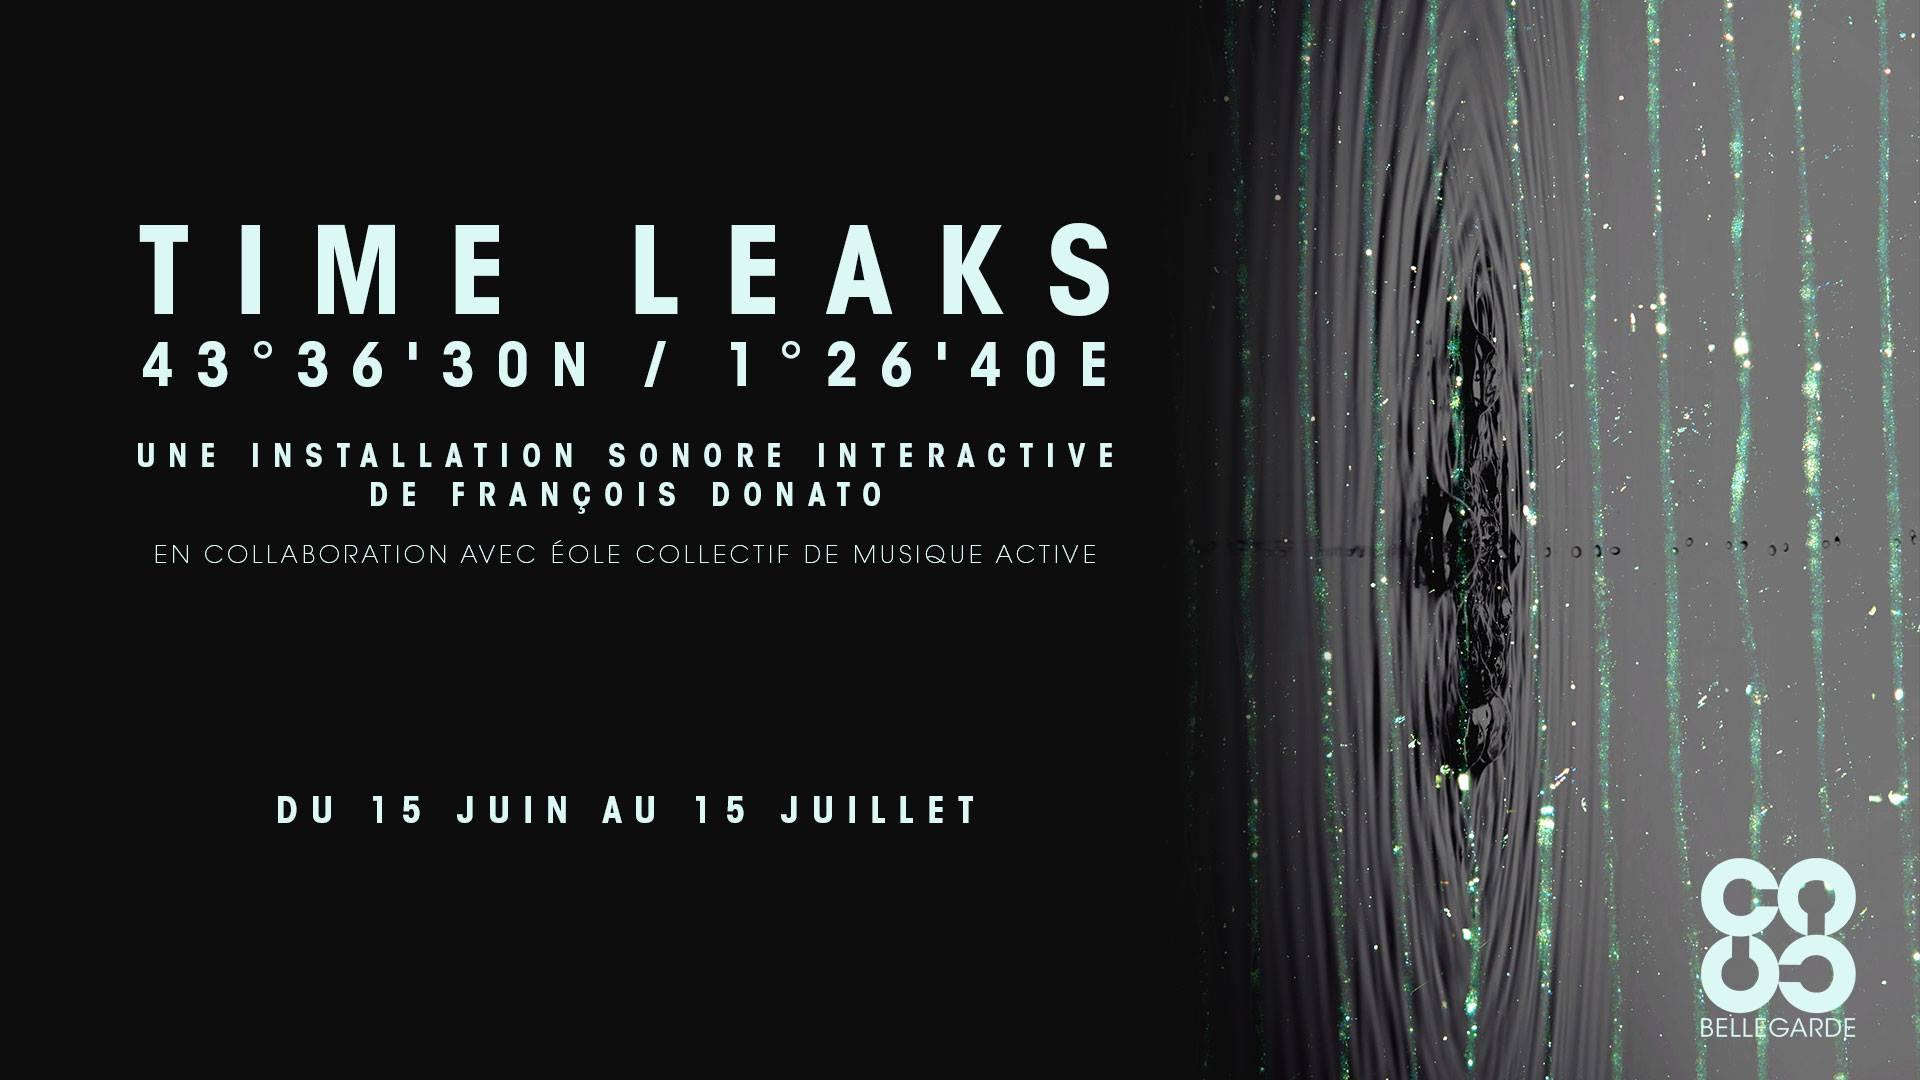 Time Leaks 43°36'30N / 1°26'40E | 15 juin – 15 juillet 2017